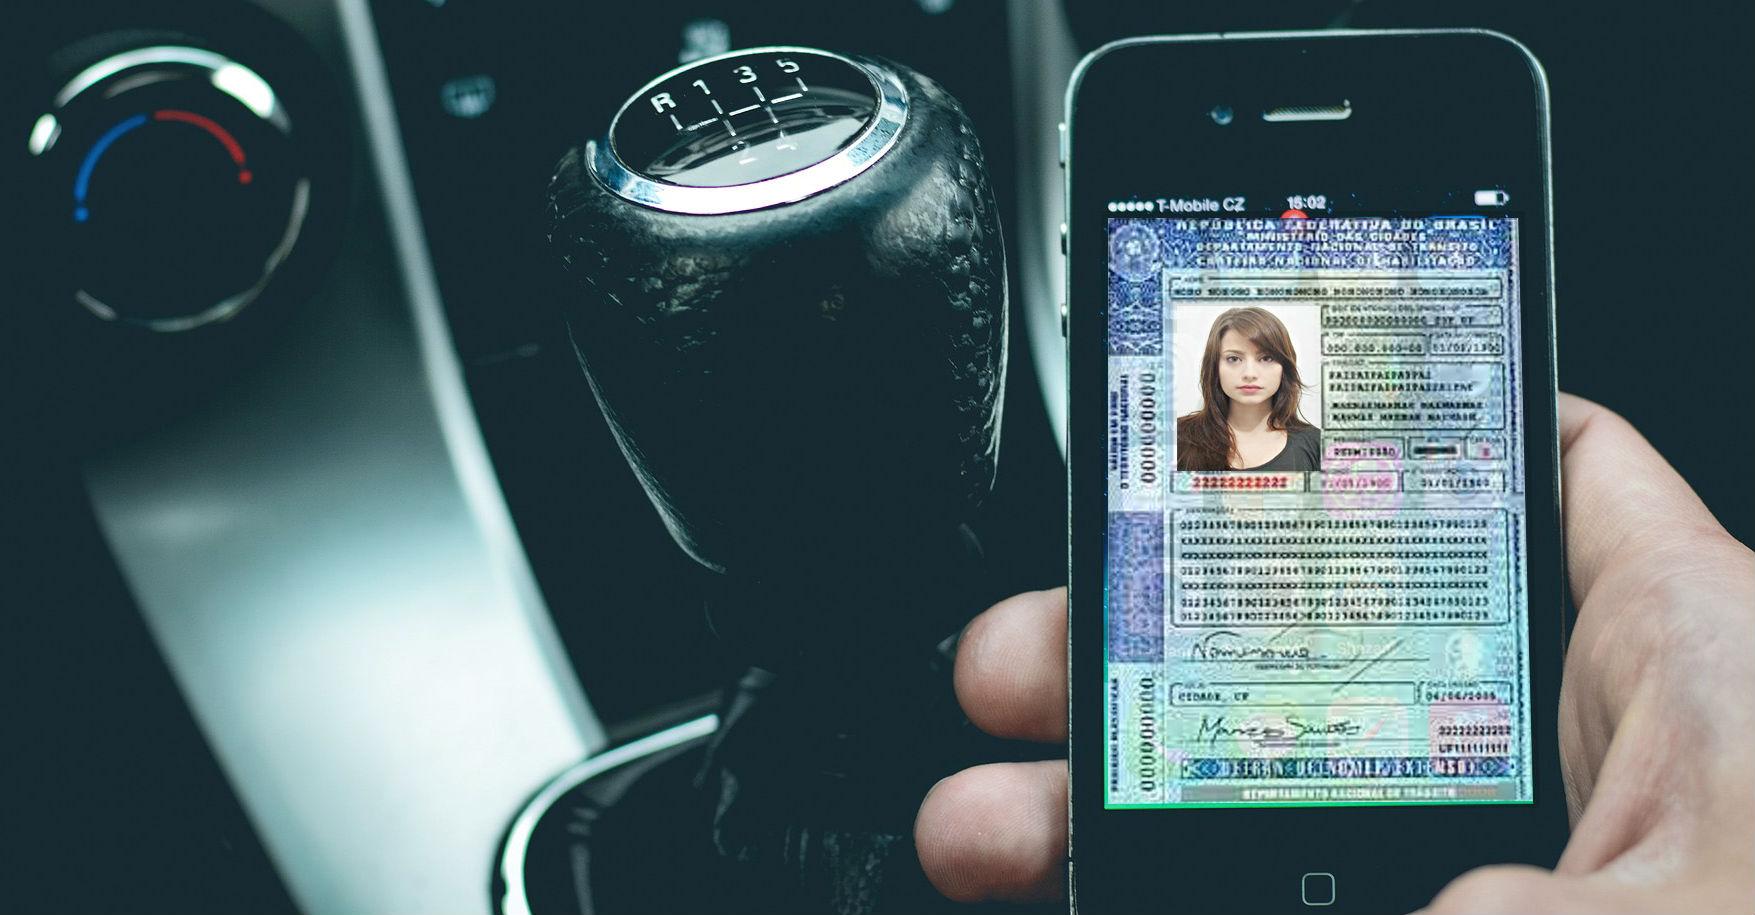 cnh-digital-imagem-destaque